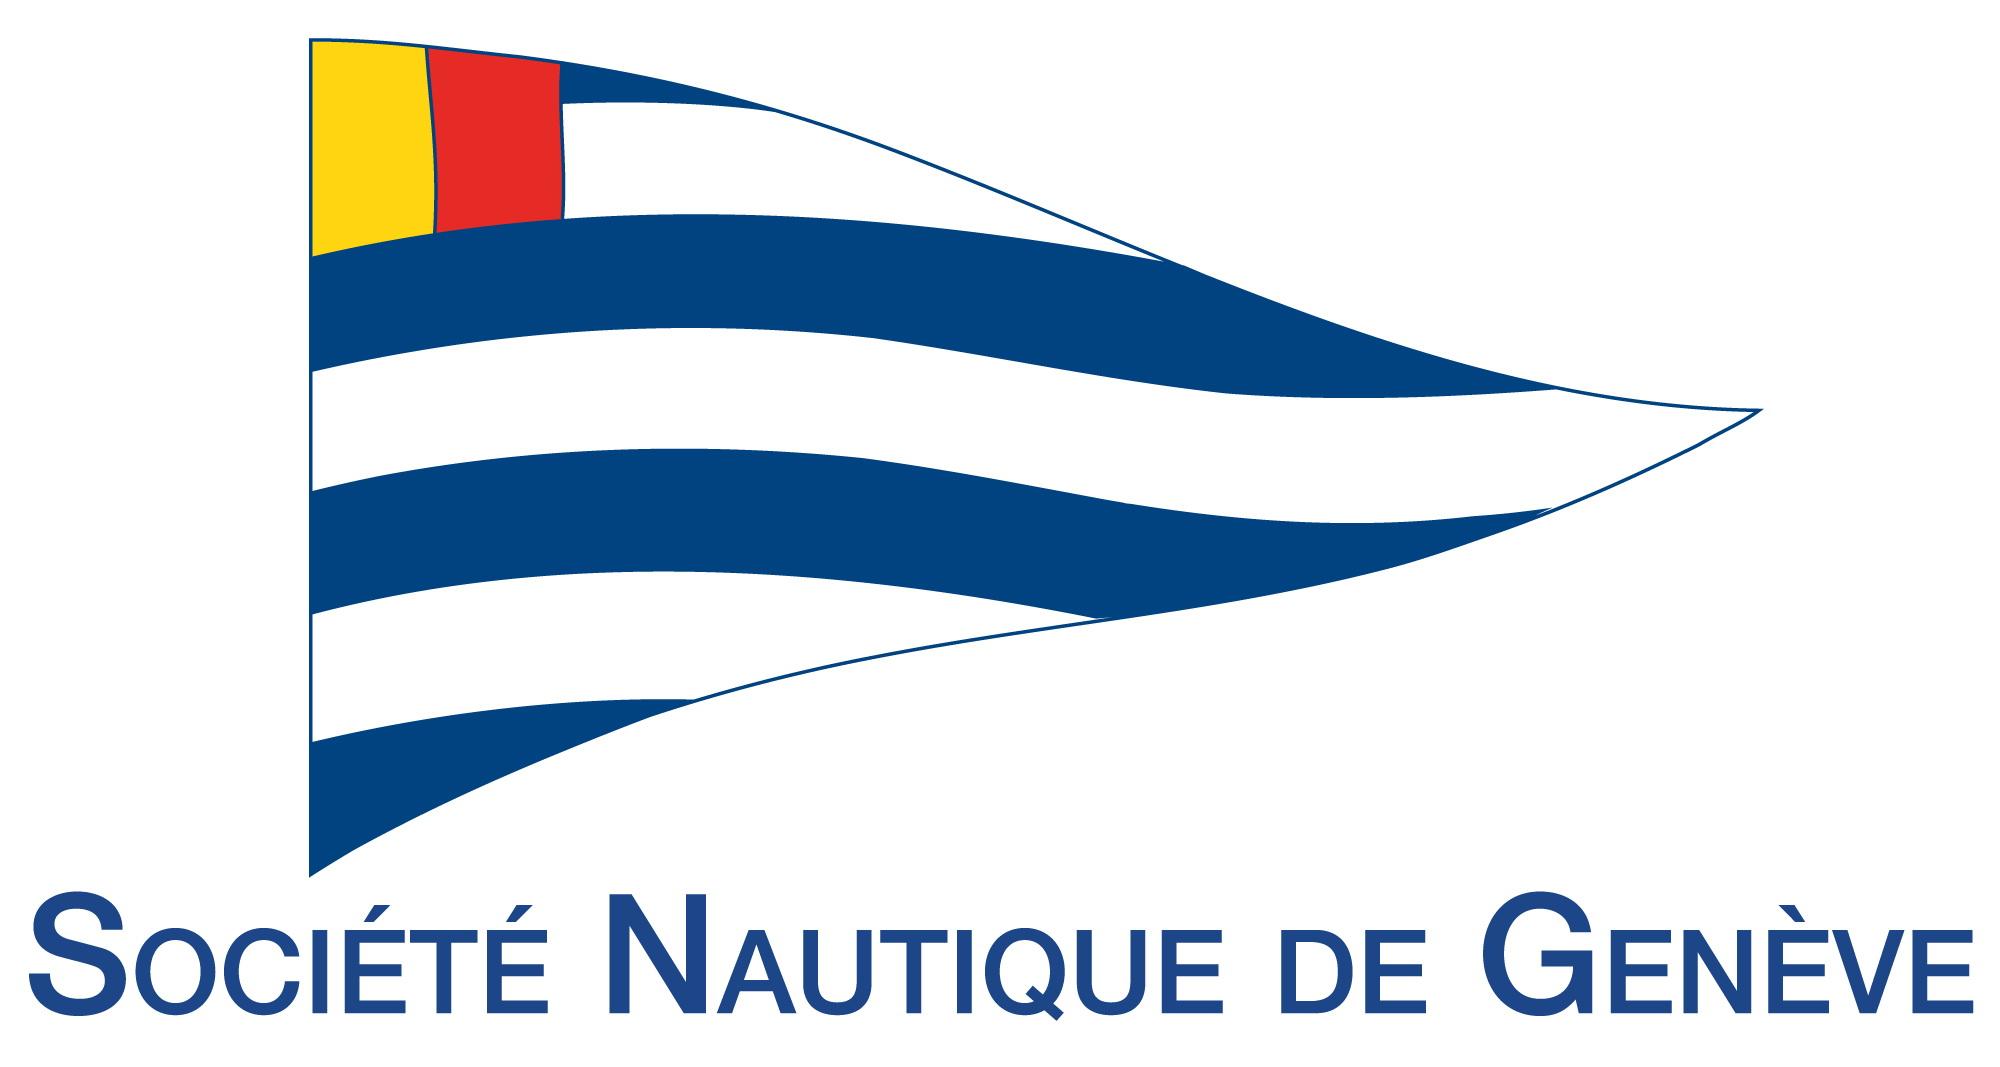 Société nautique de Genève